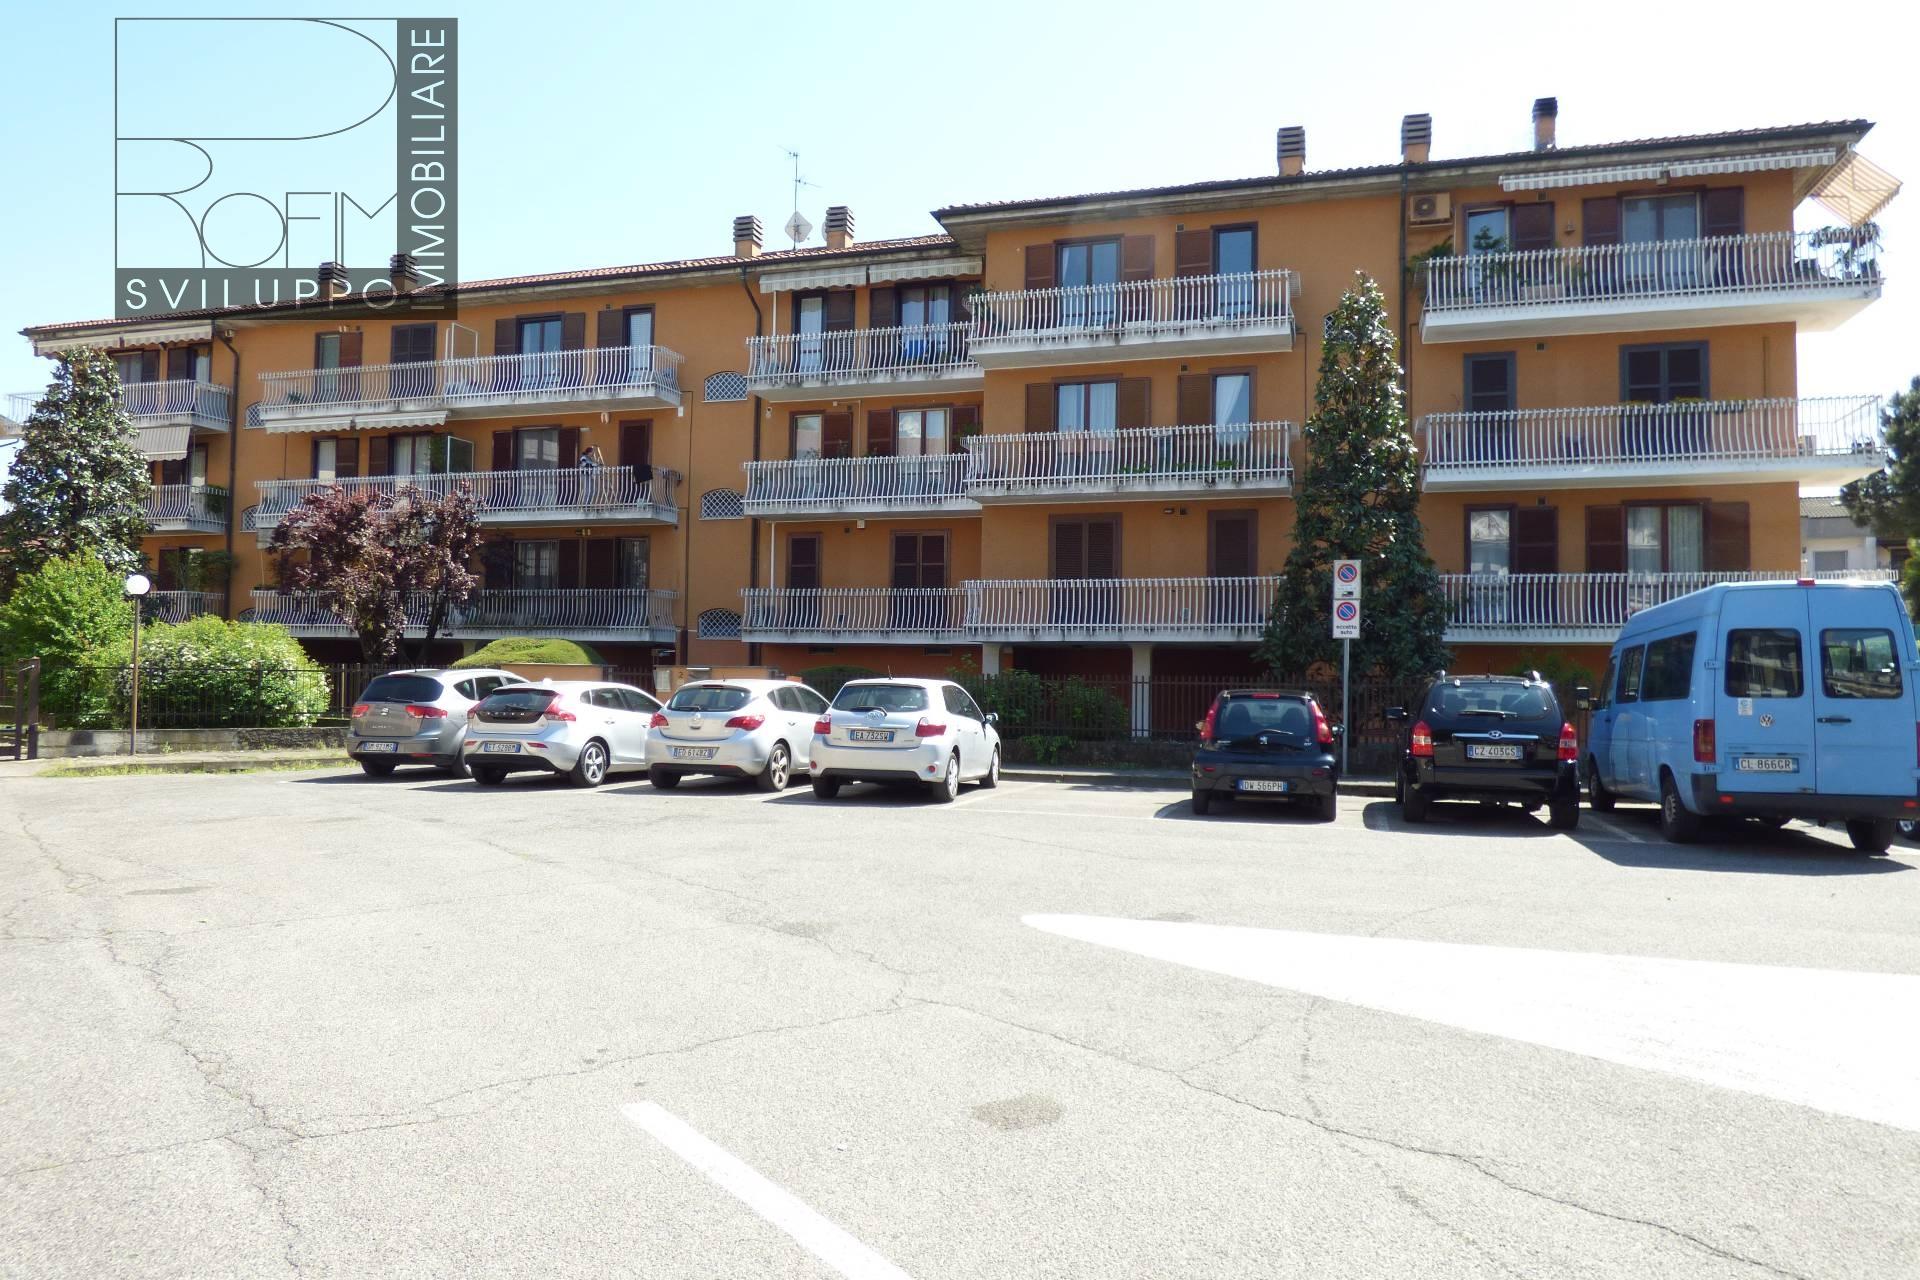 Appartamento in vendita a Paullo, 3 locali, prezzo € 150.000 | CambioCasa.it